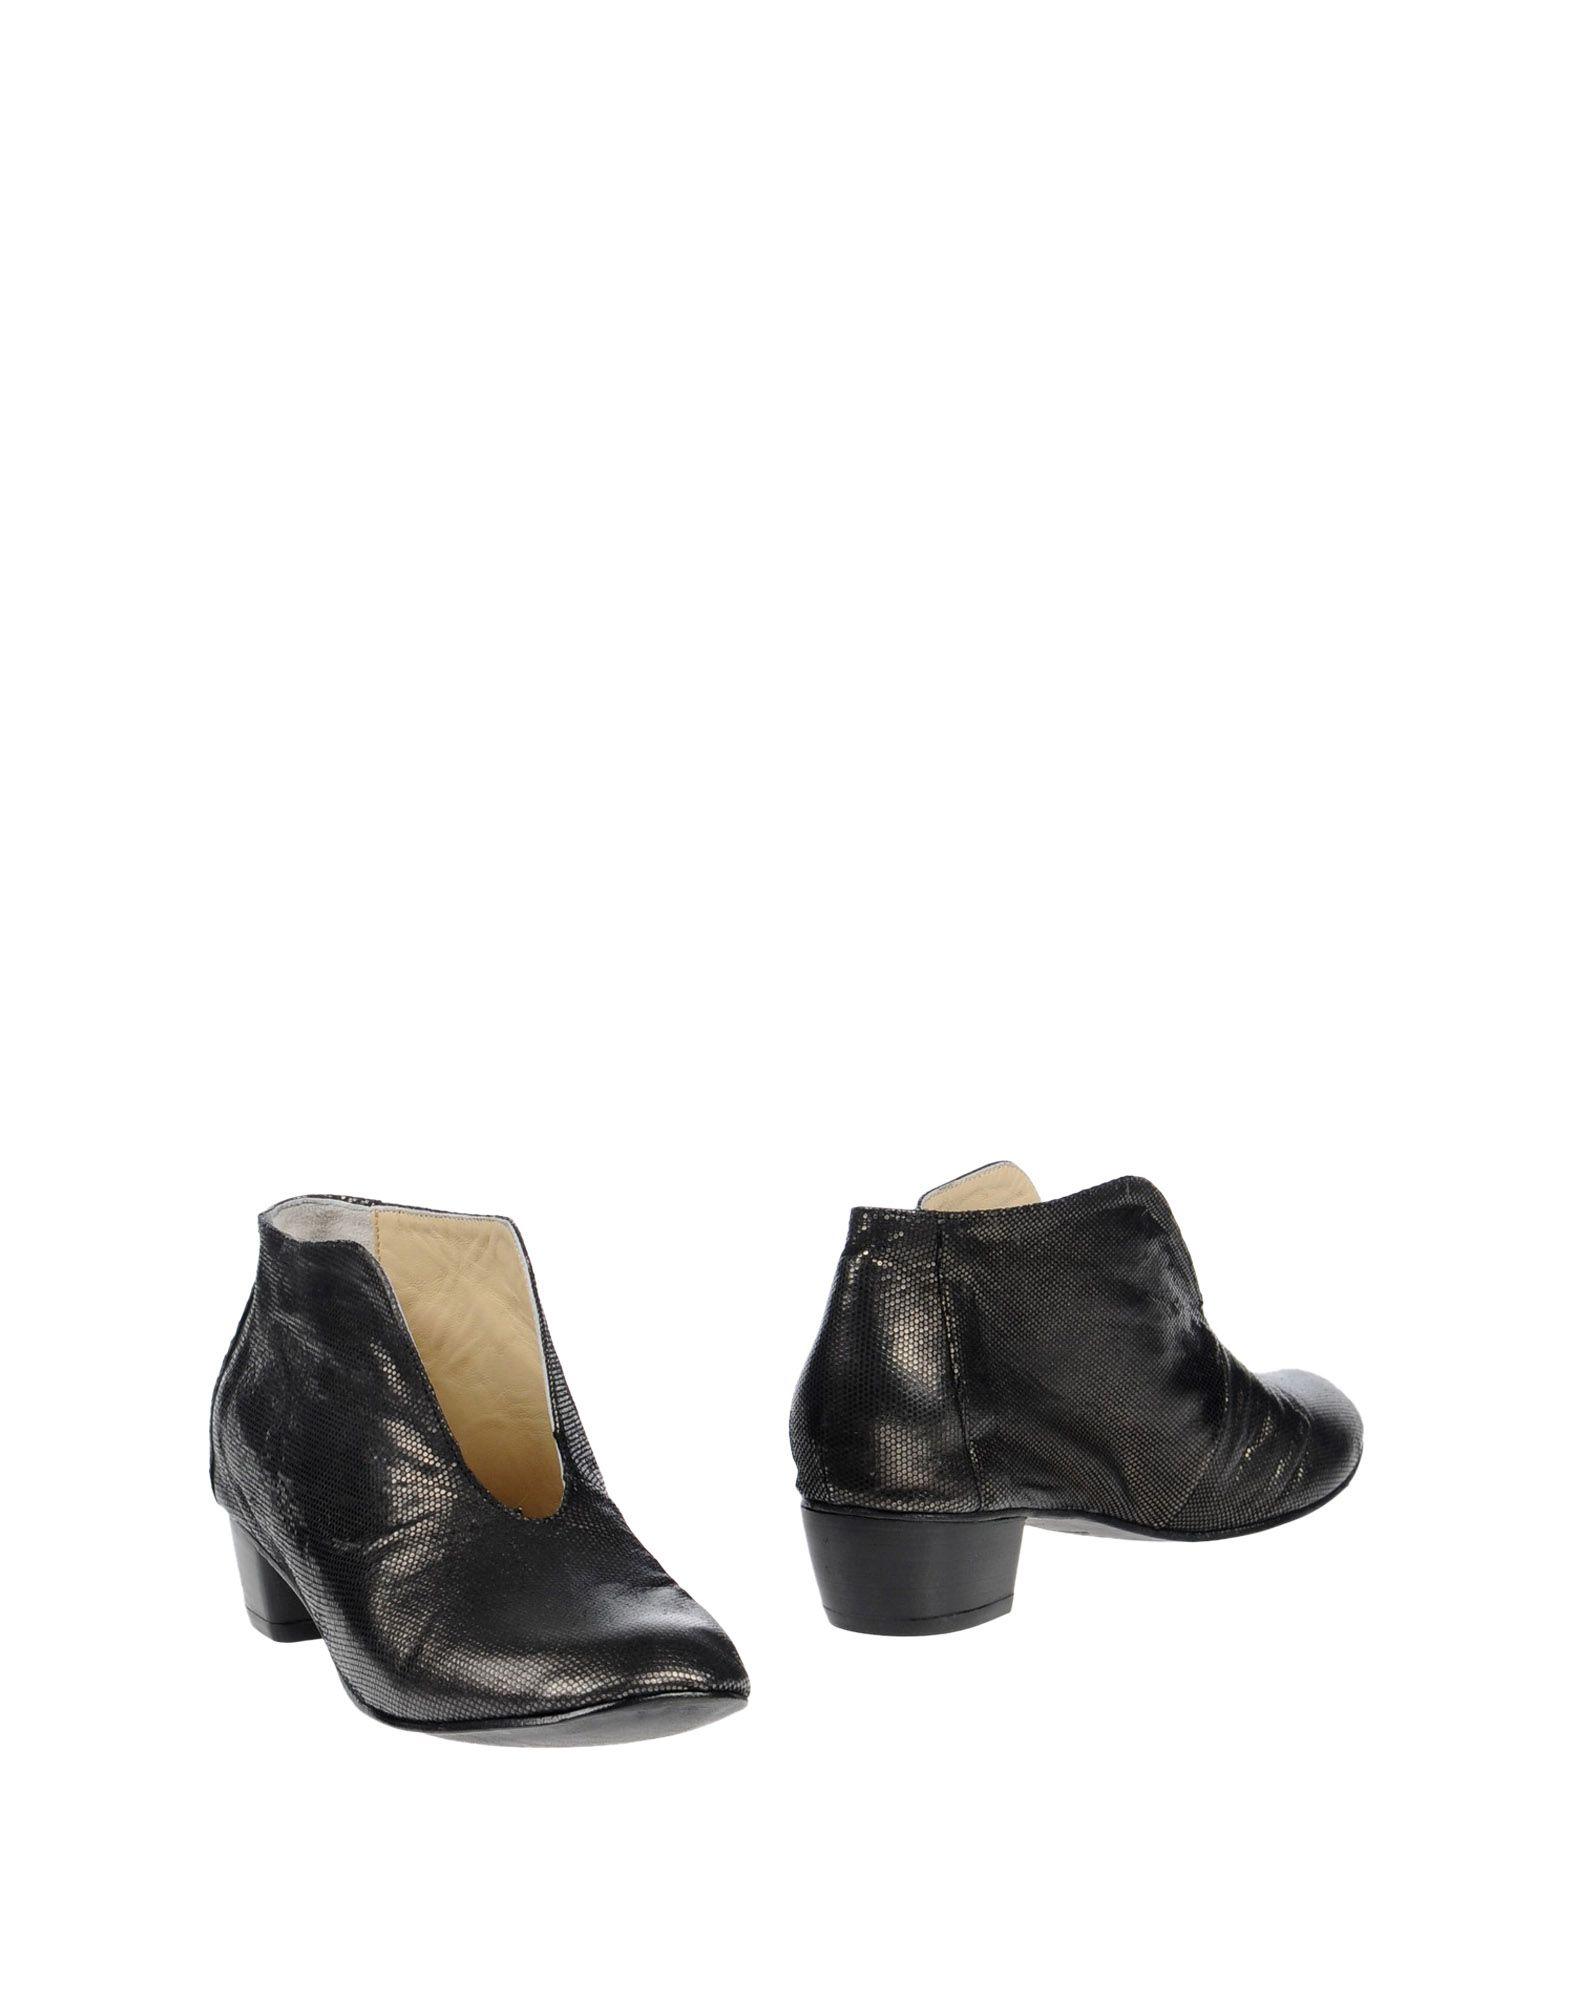 Kudetà Stiefelette Damen  11434034EX Gute Qualität beliebte Schuhe